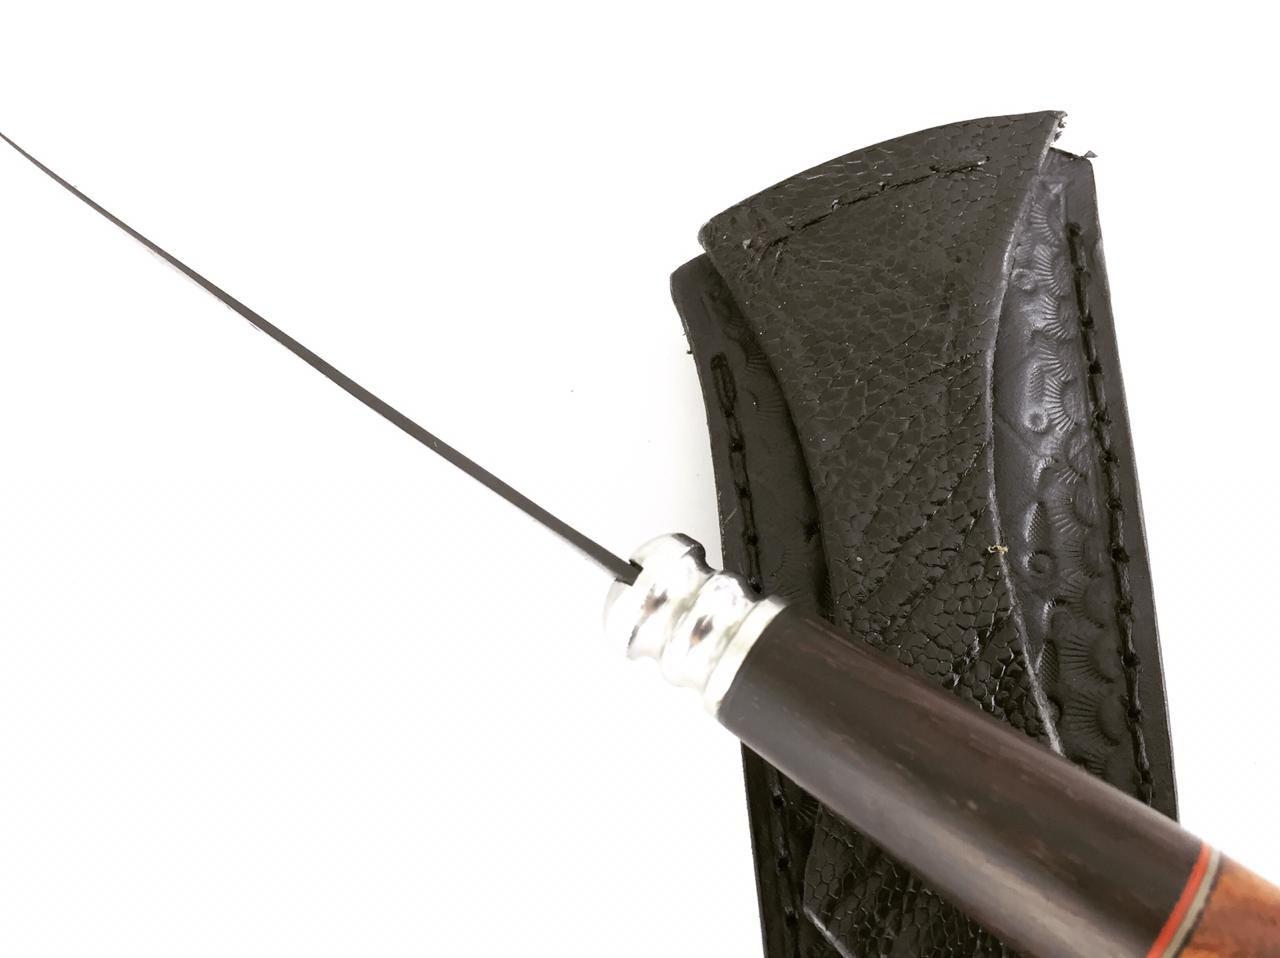 Faca artesanal tesoura de tosquia sem marca aparente